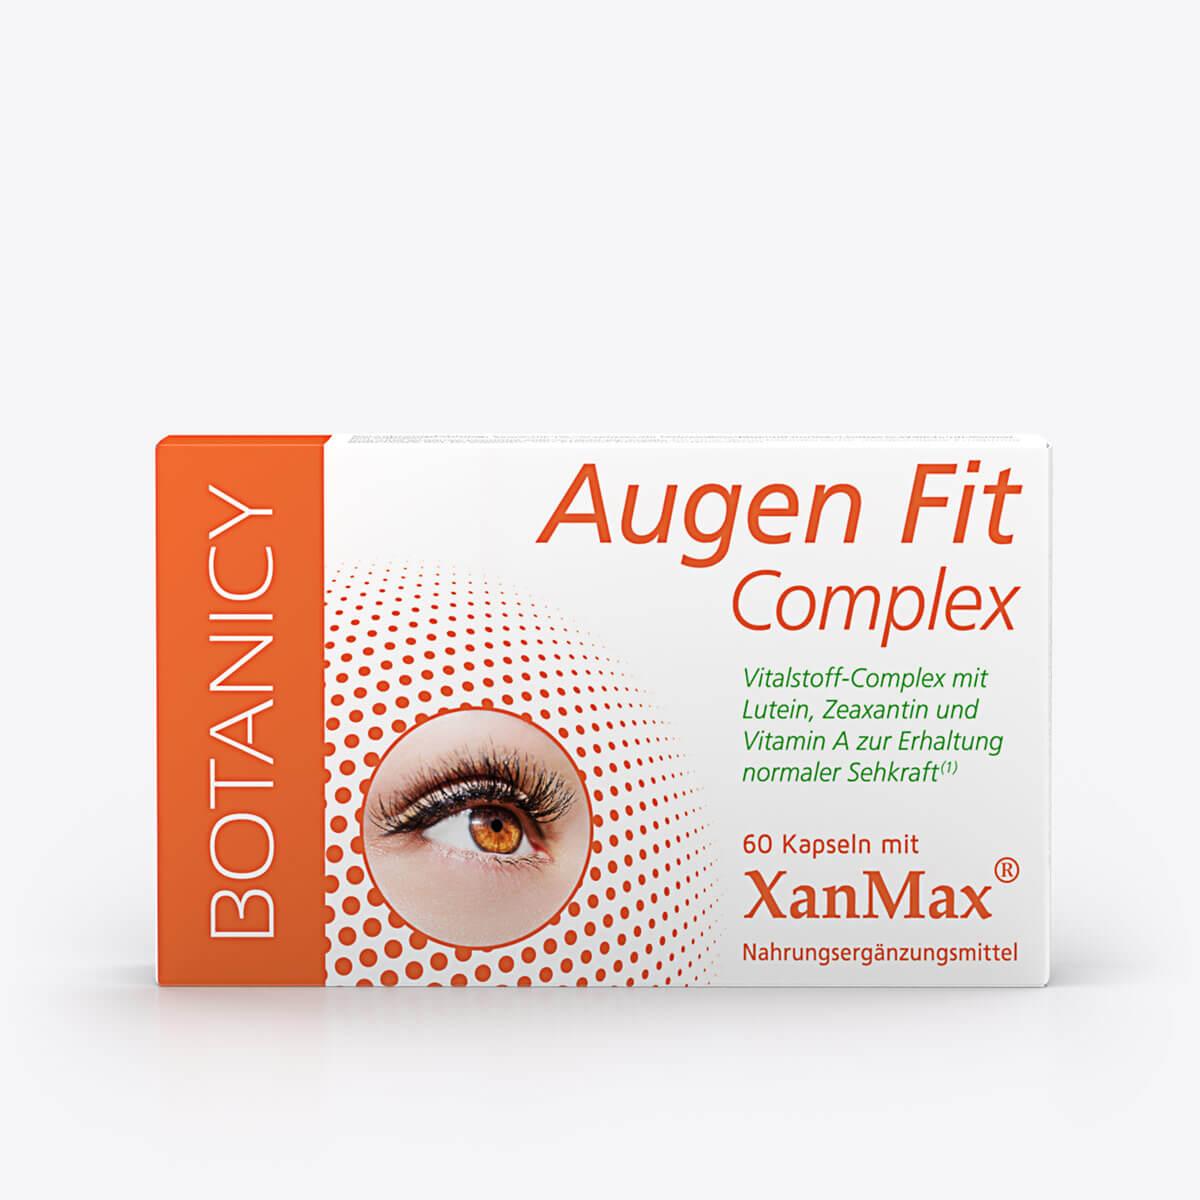 AUGEN FIT Complex mit XanMax